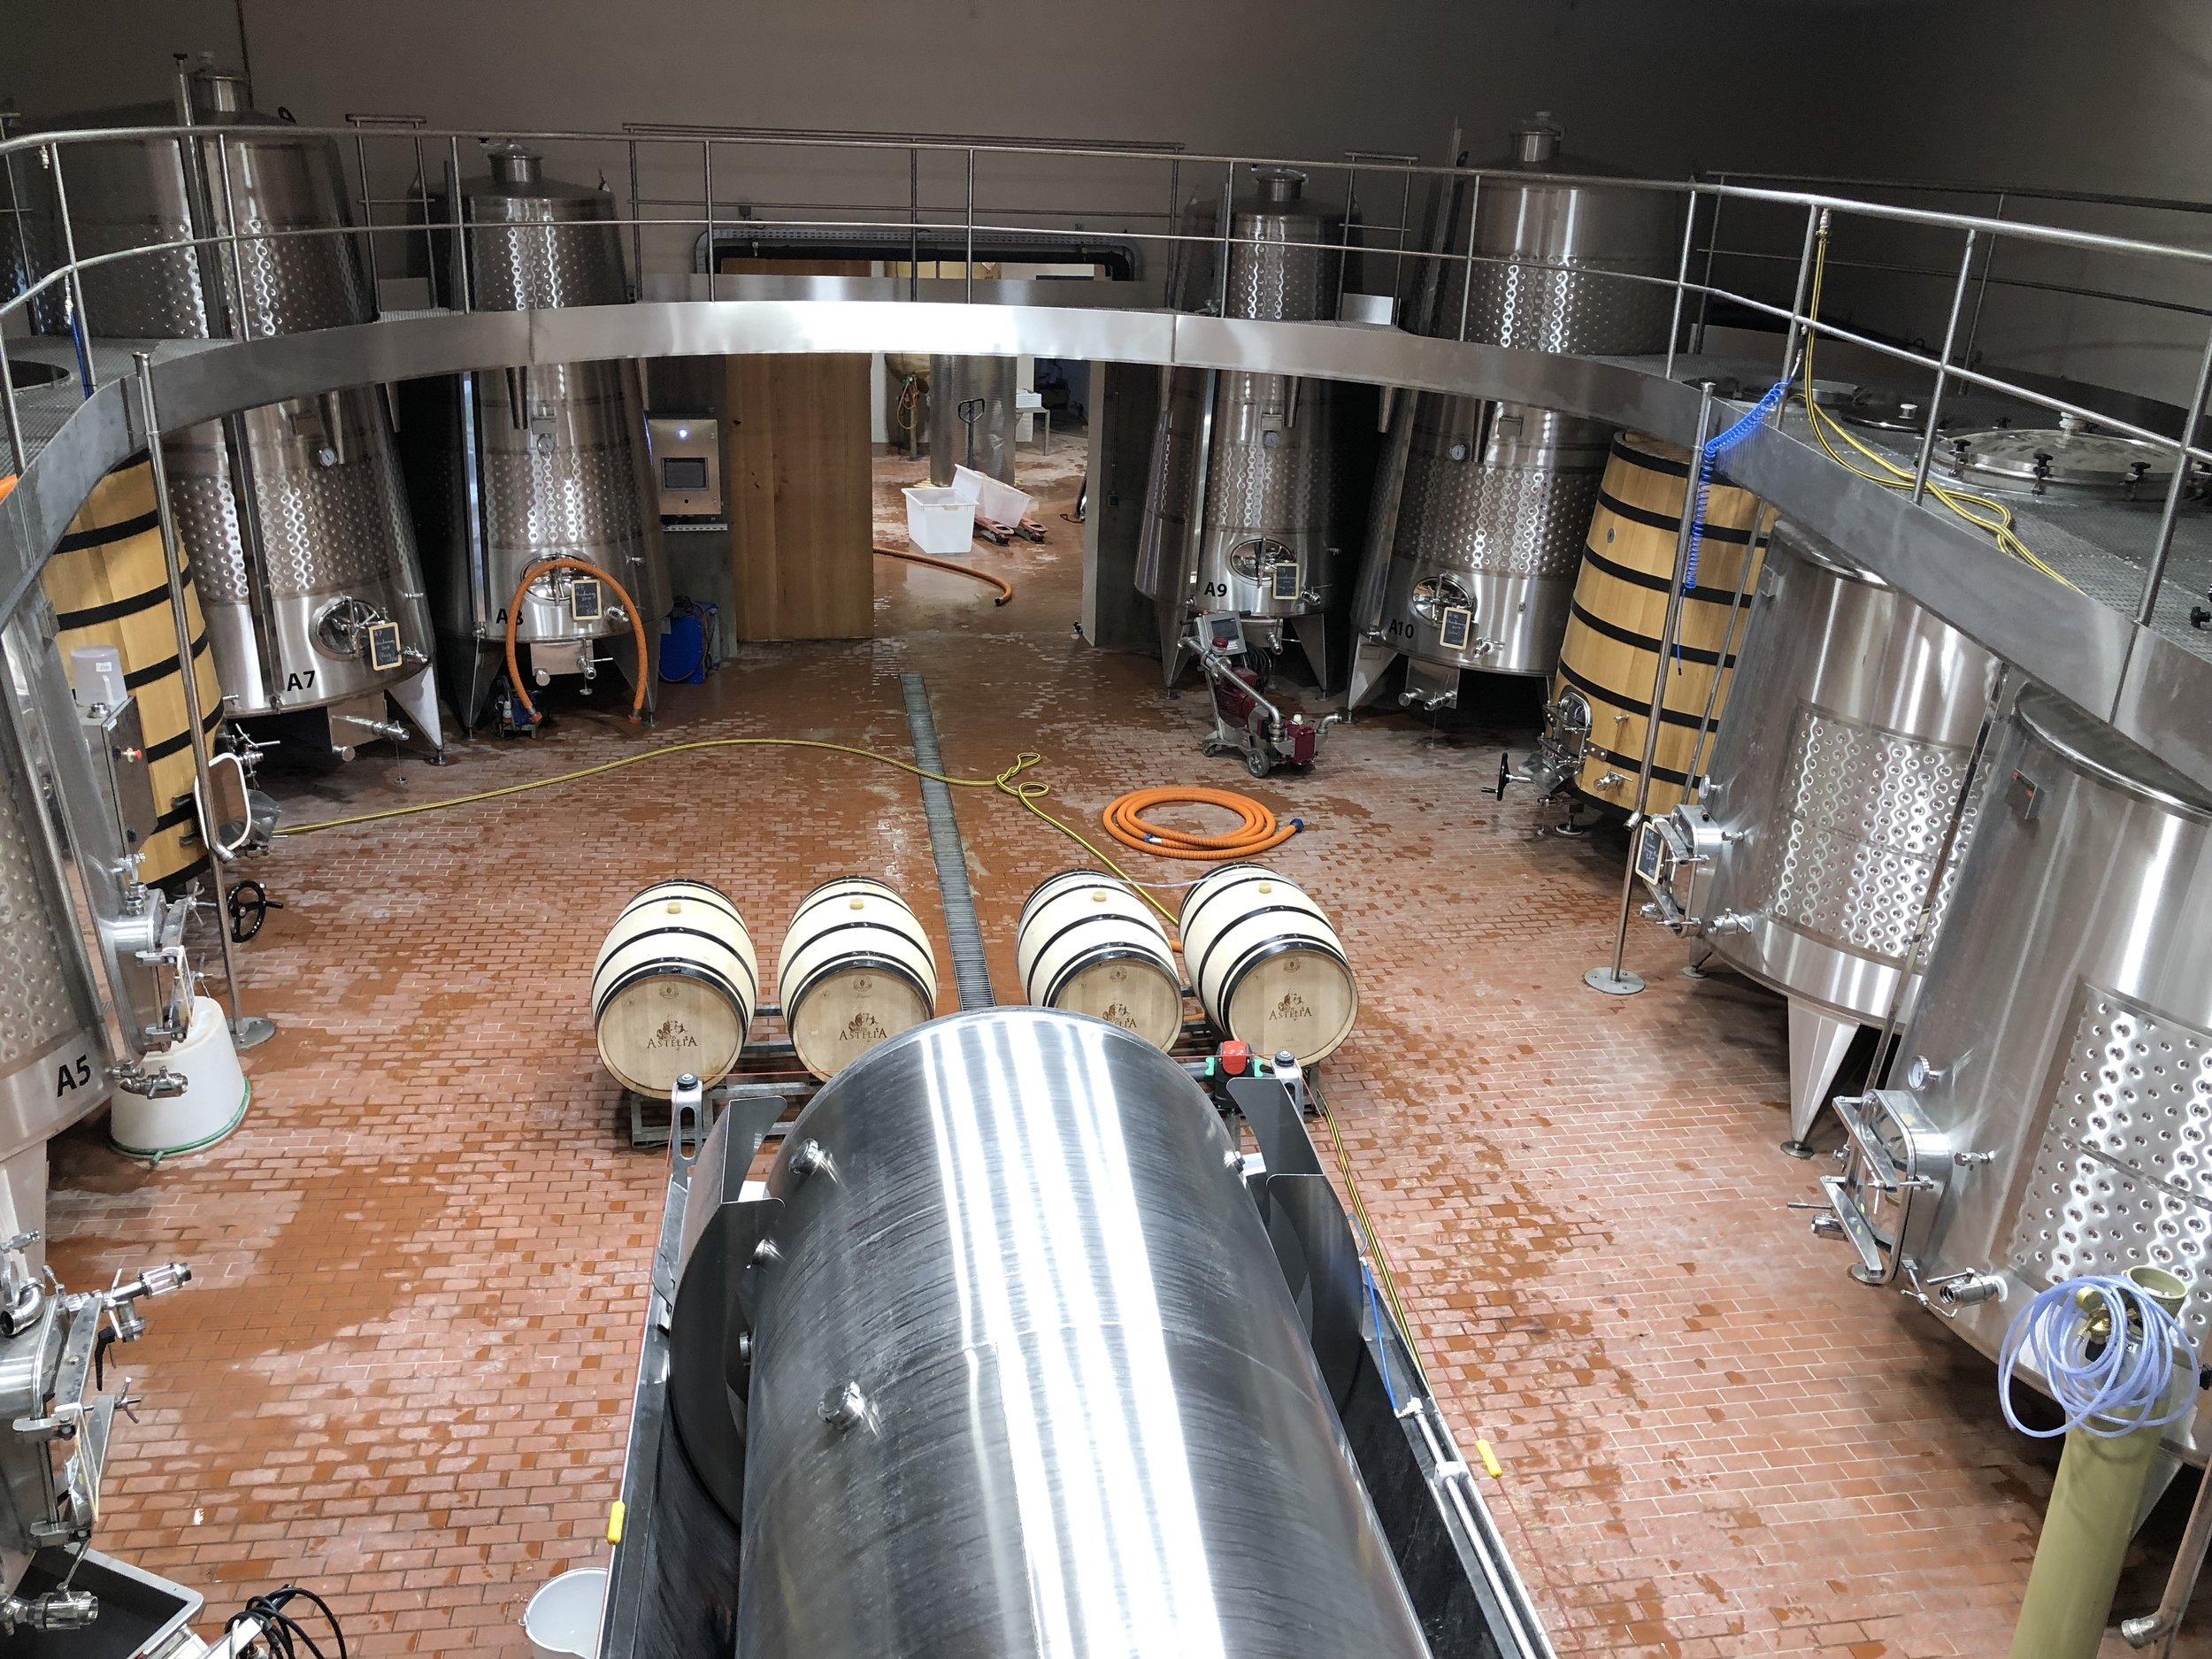 New Winery at Ch Astelia (Image: Sumita Sarma)